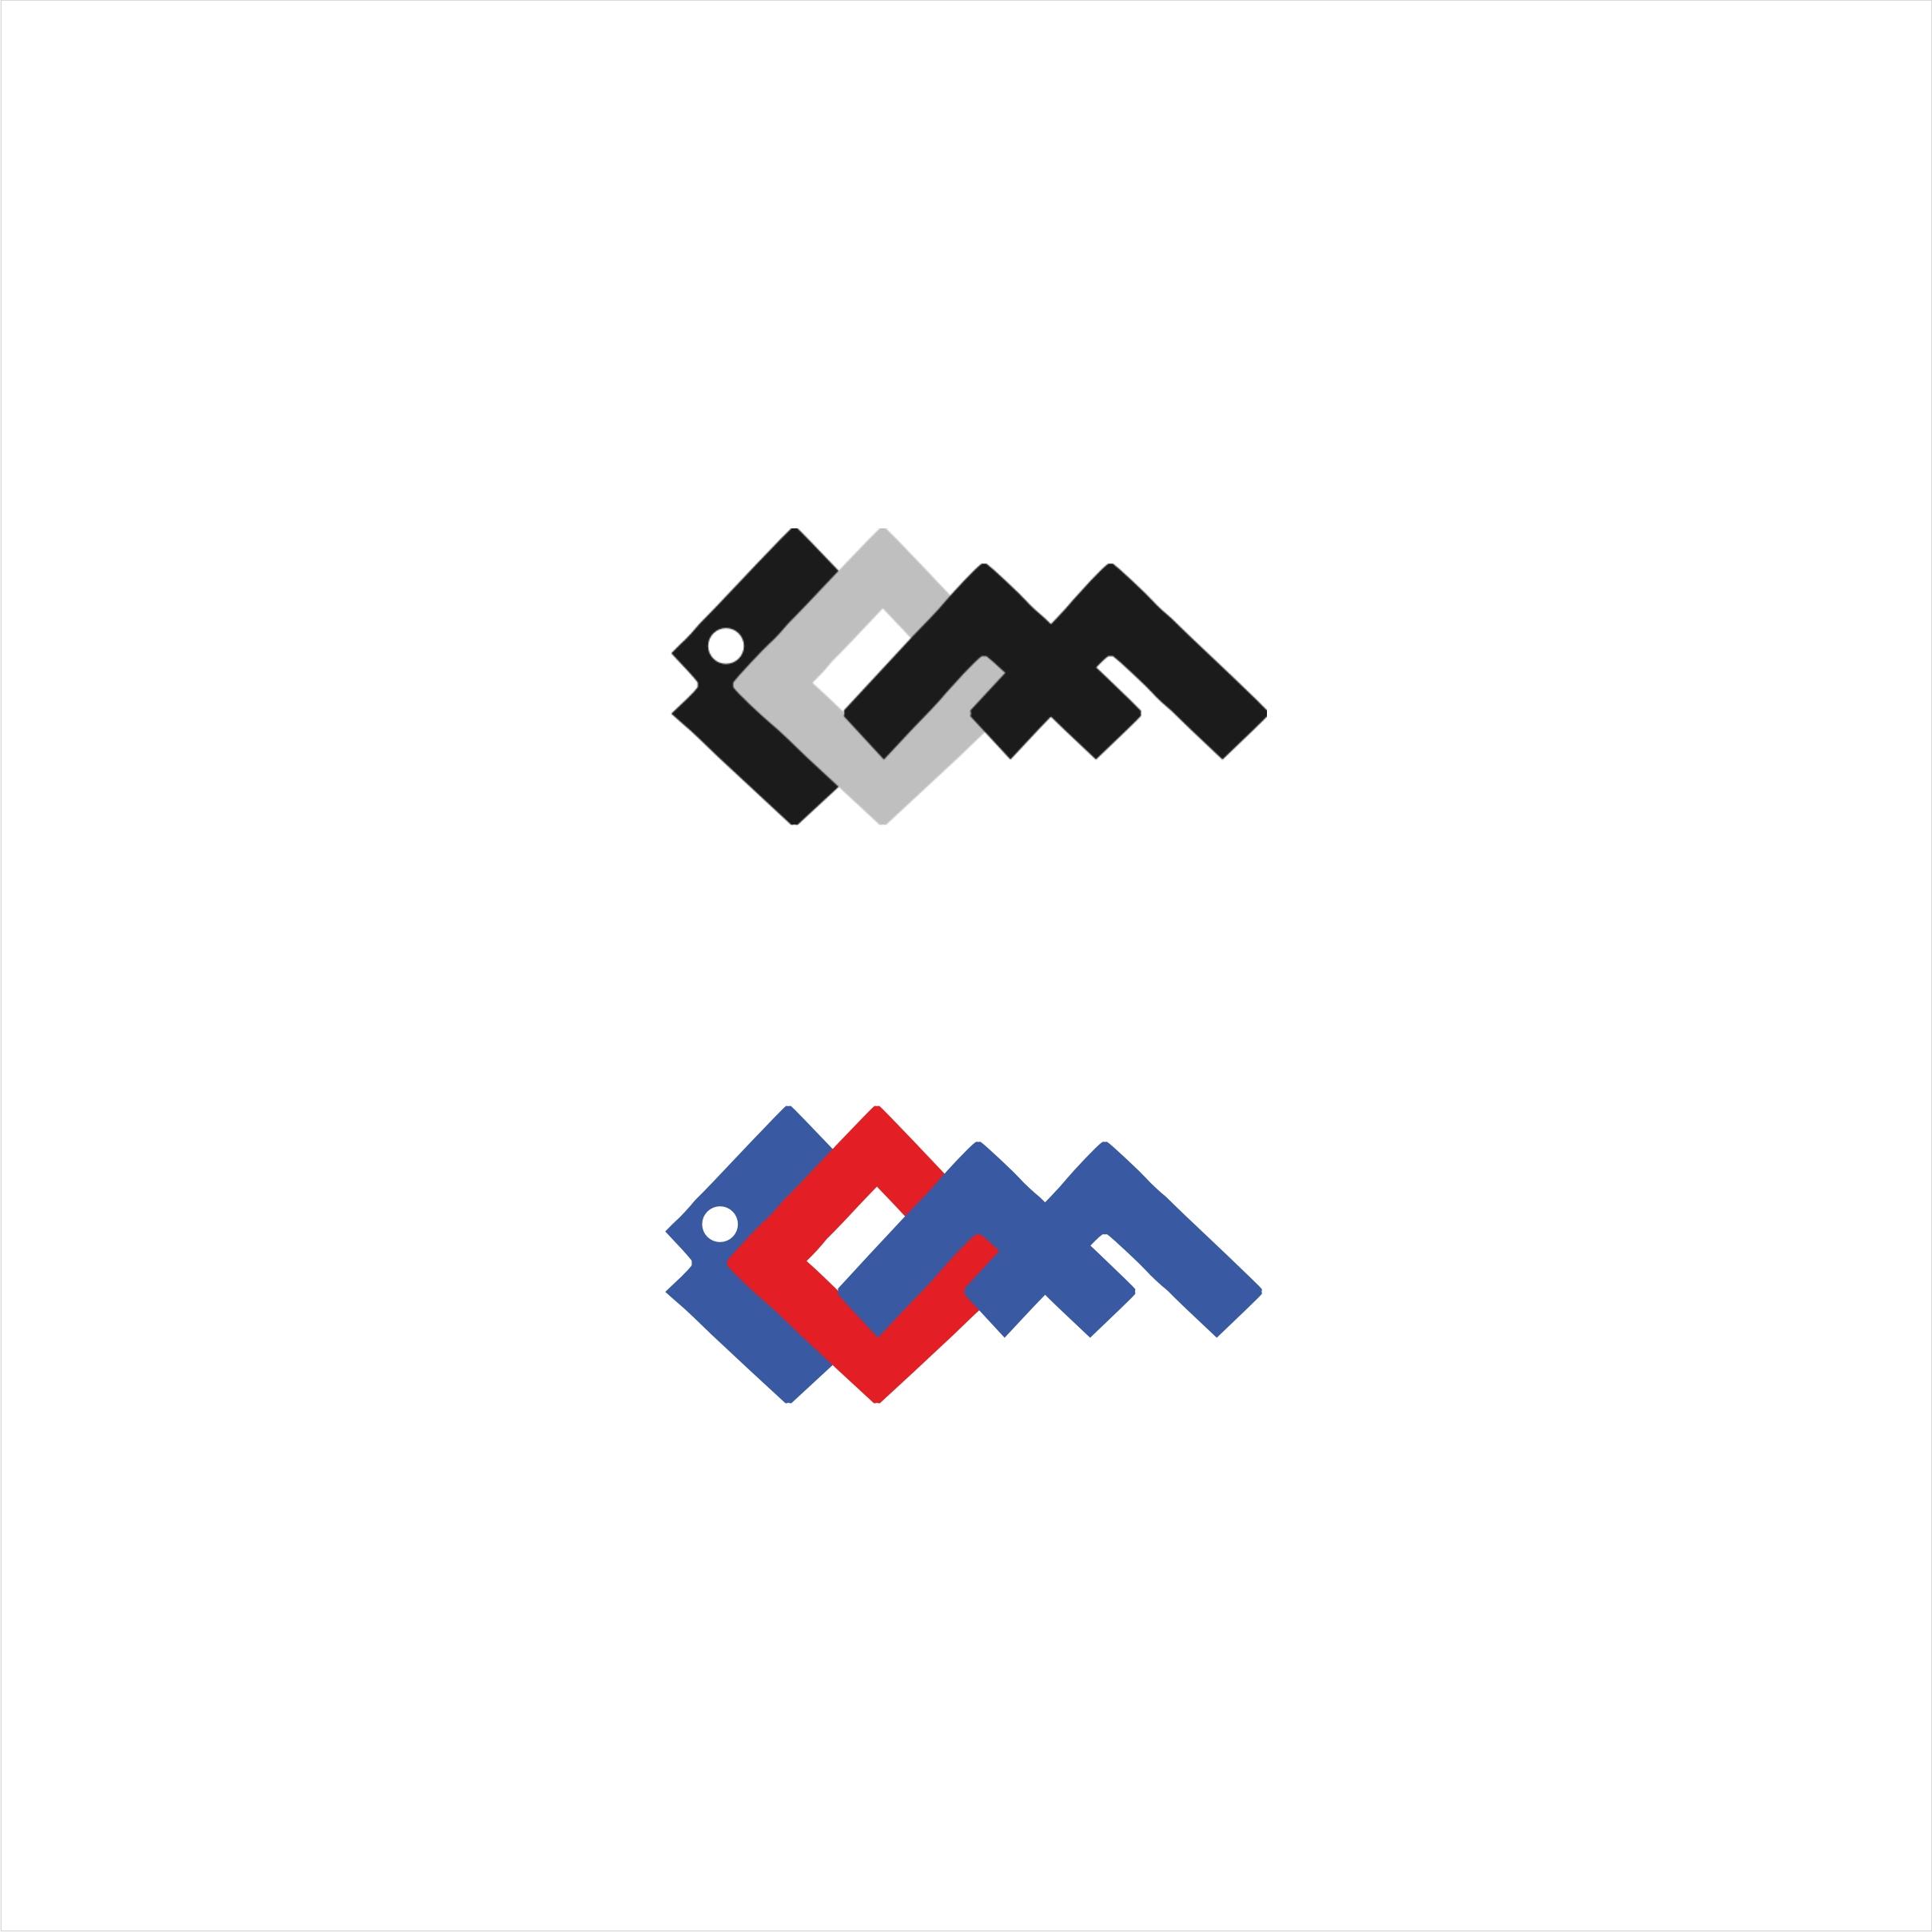 Создание логотипа и брэндбука для компании РЫБКОМ фото f_6365c11dd5f52363.jpg